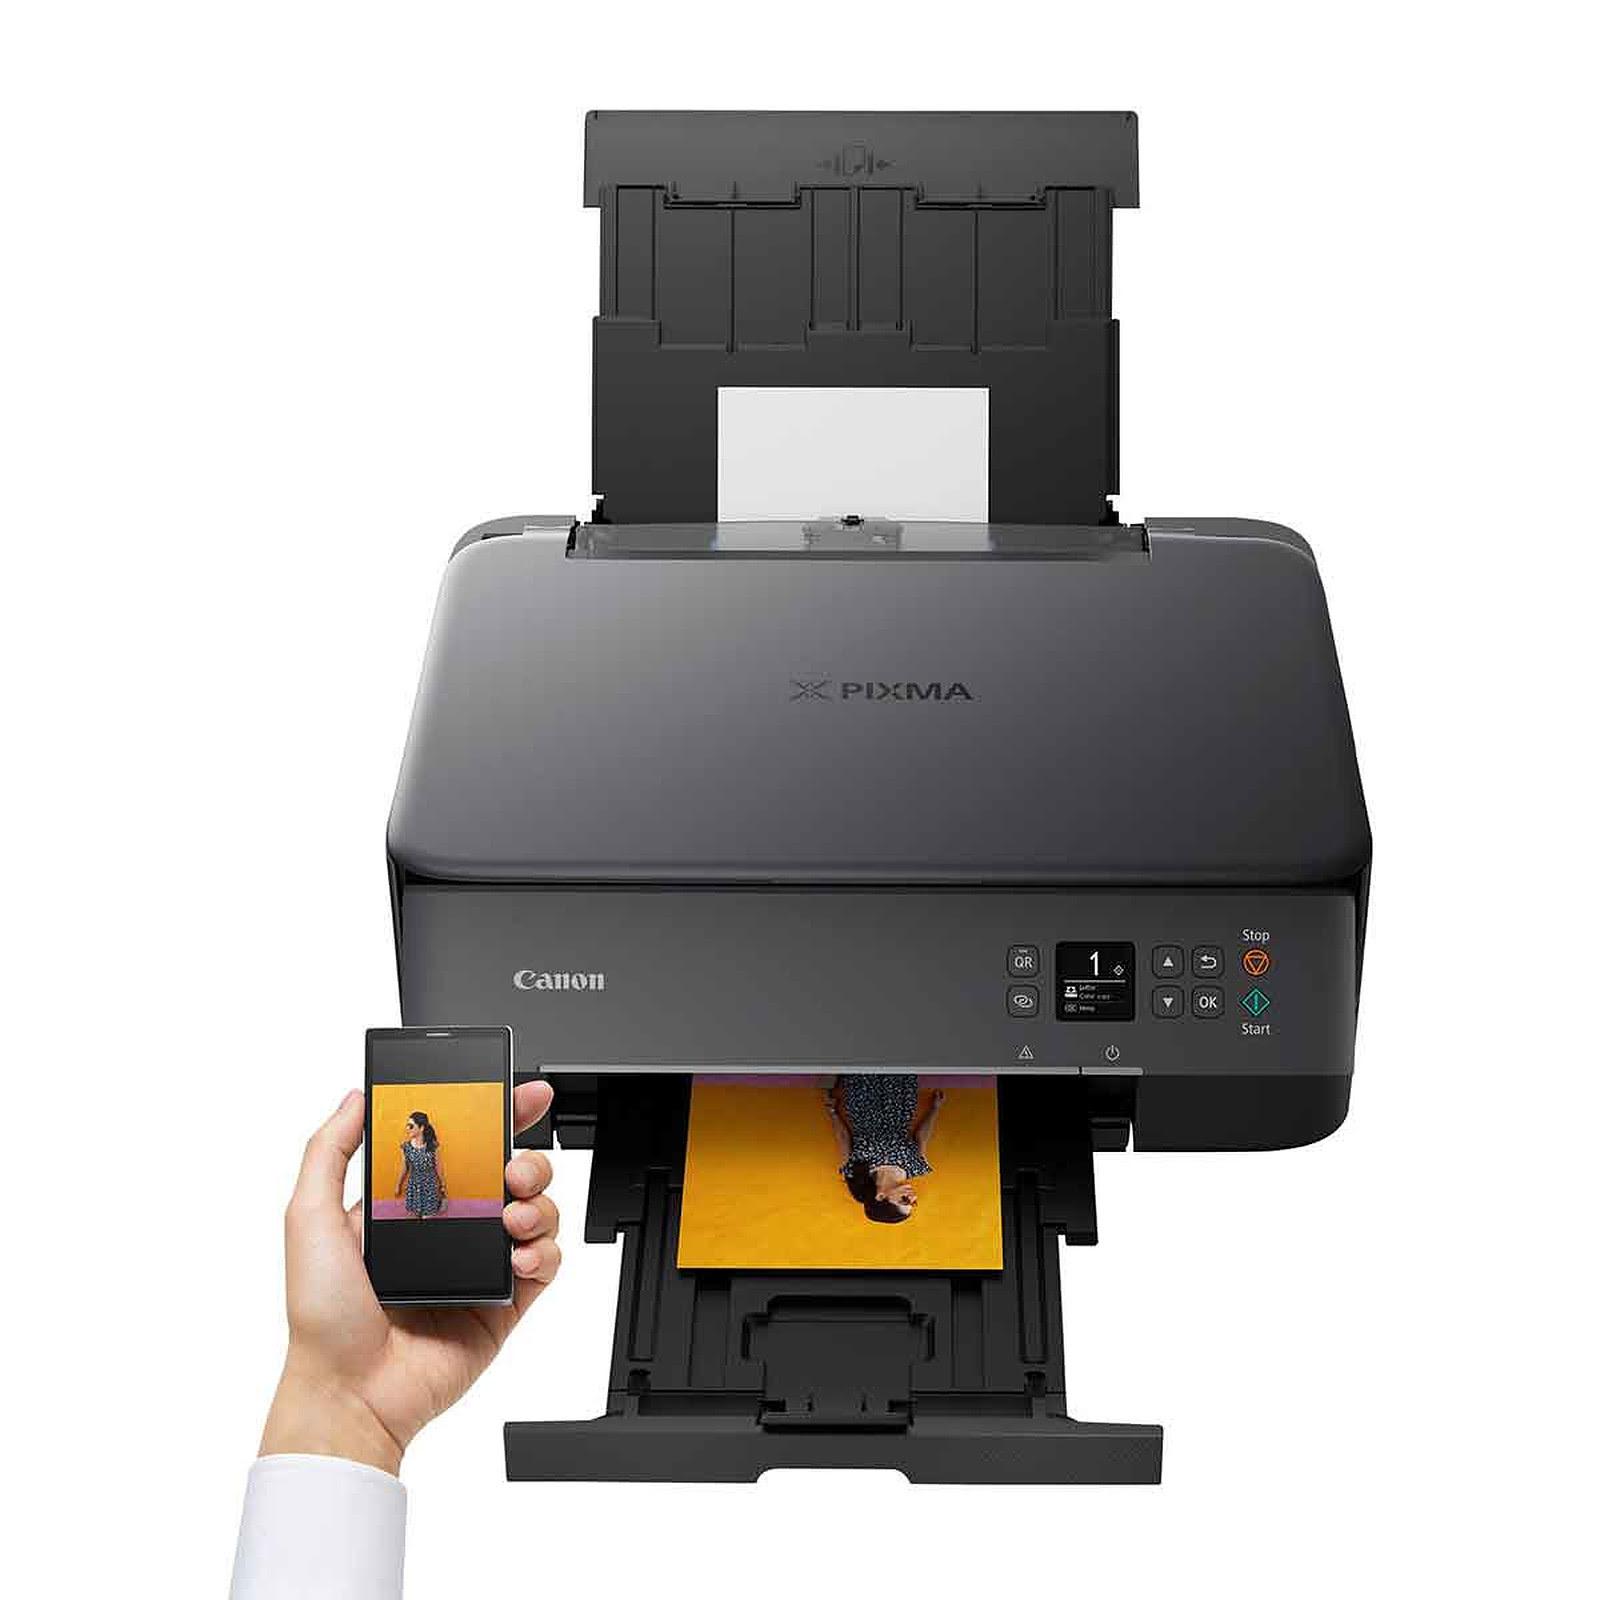 Imprimante multifonction Canon PIXMA TS5350 - Cybertek.fr - 1